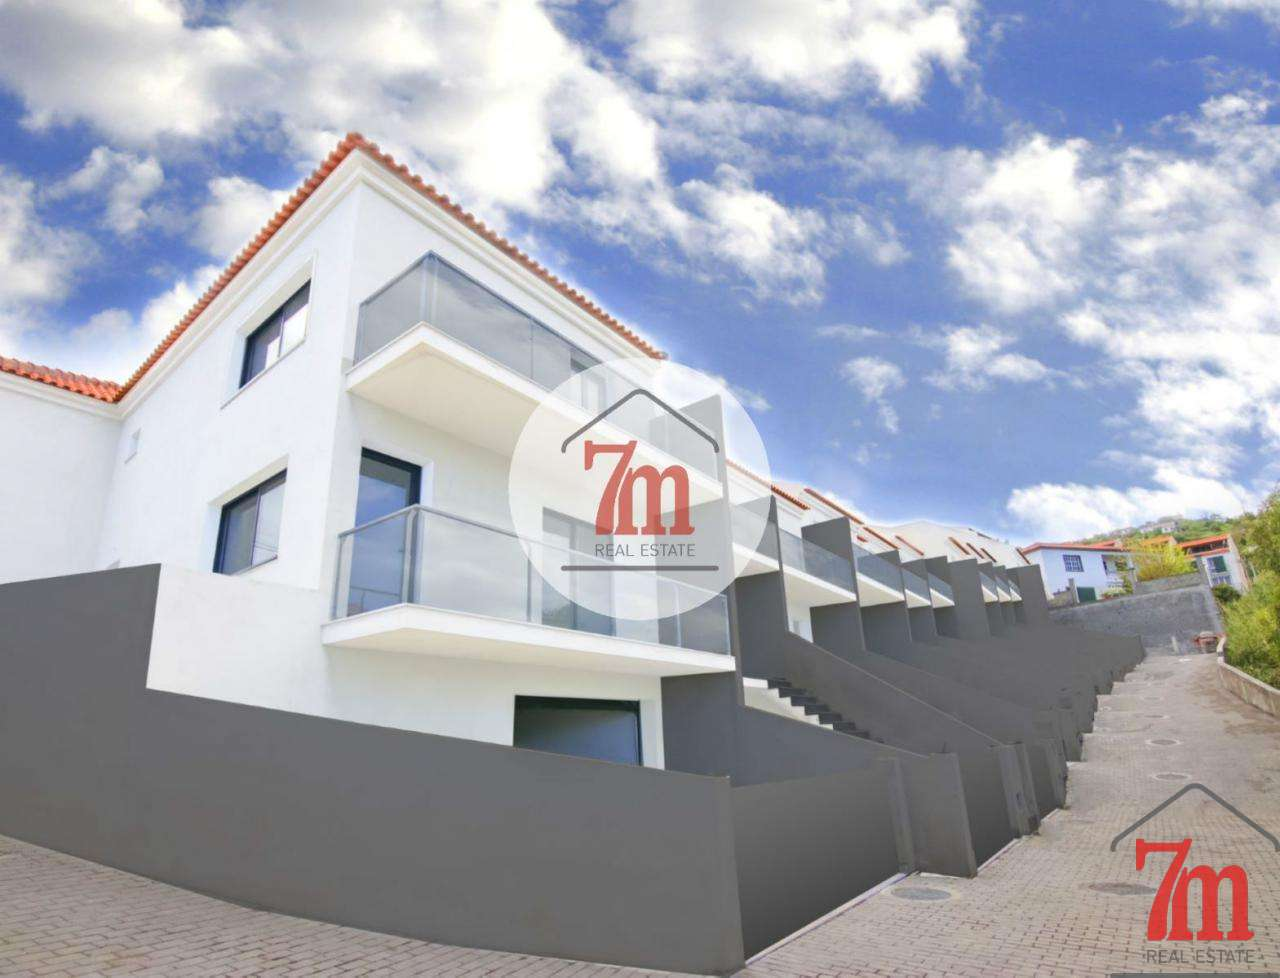 Moradia para comprar, Gaula, Ilha da Madeira - Foto 1